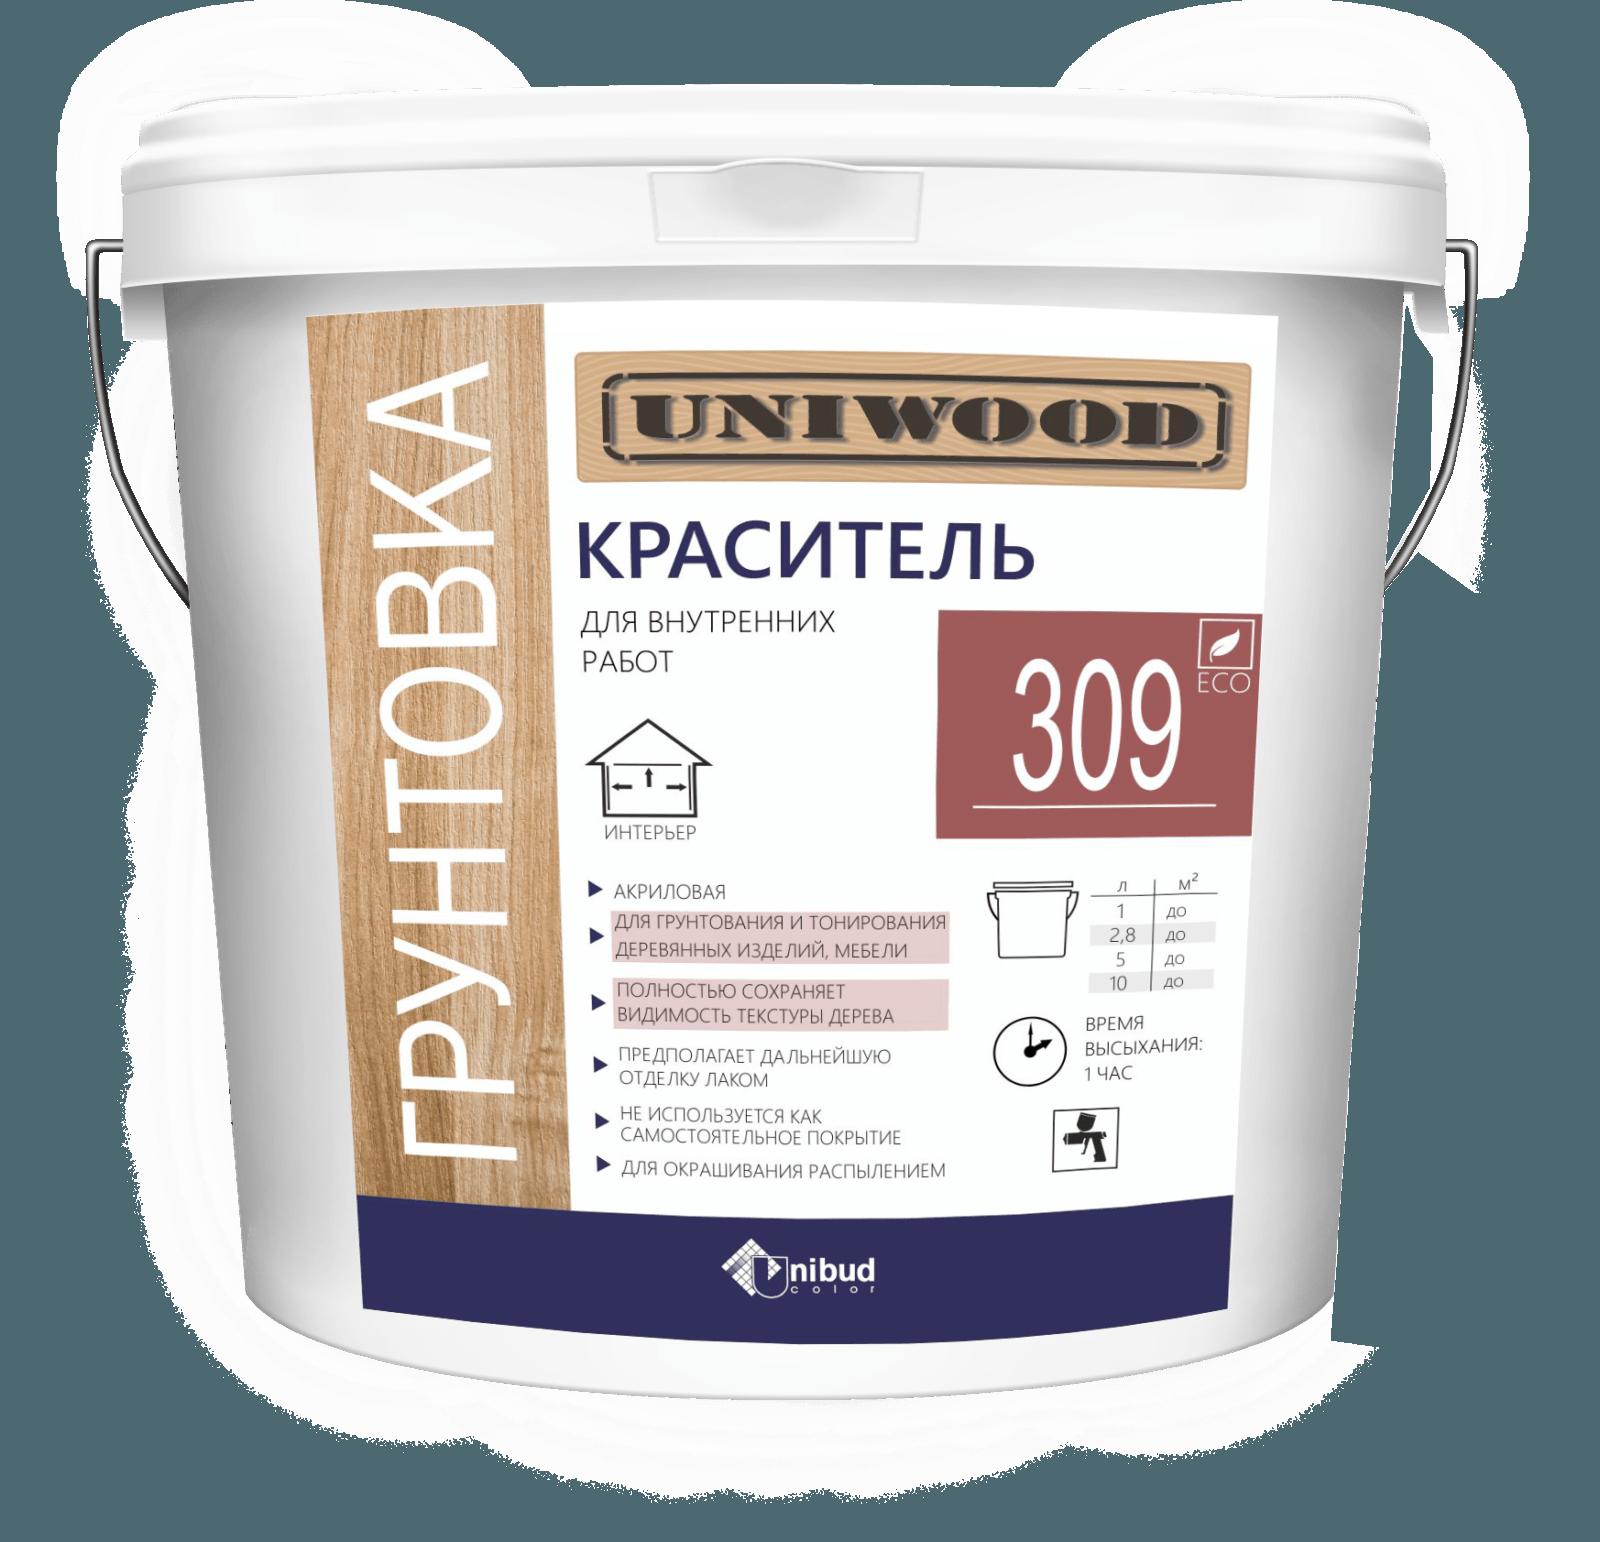 Uniwood Краситель В-АС-011